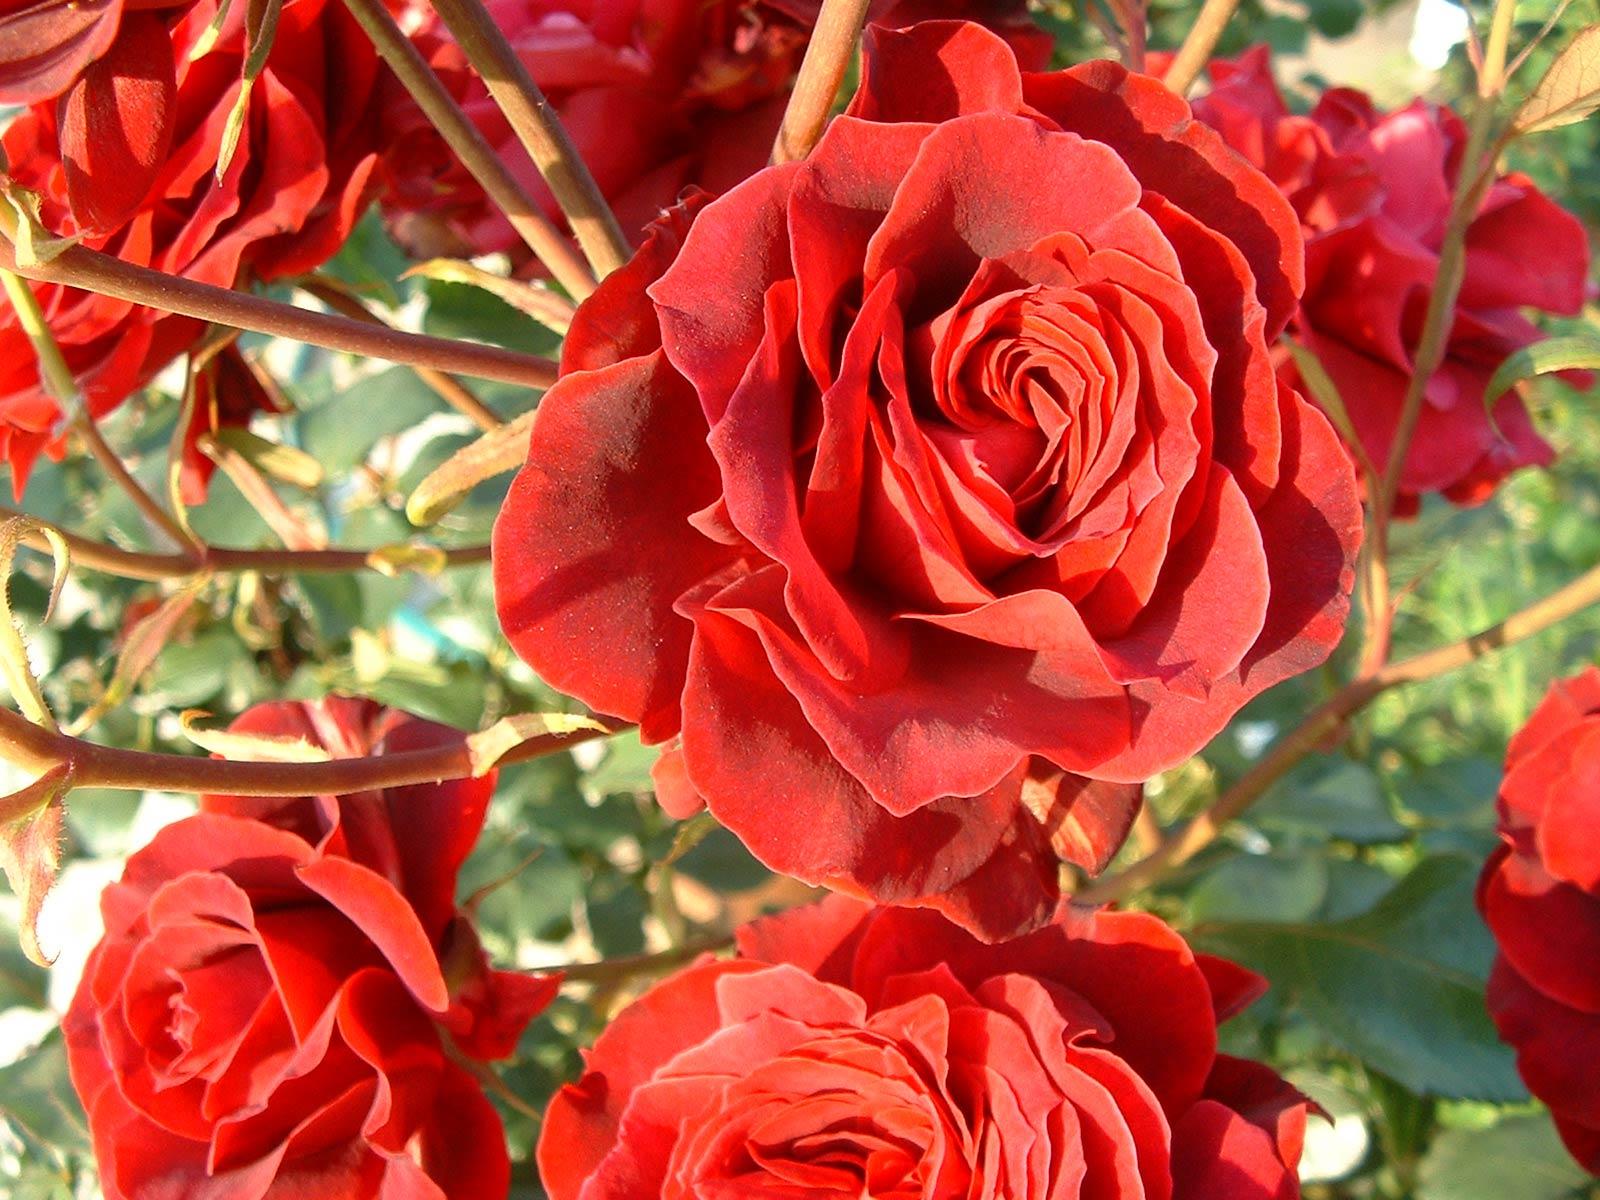 grandes rosas rojas - Fotos De Rosas Rojas Grandes